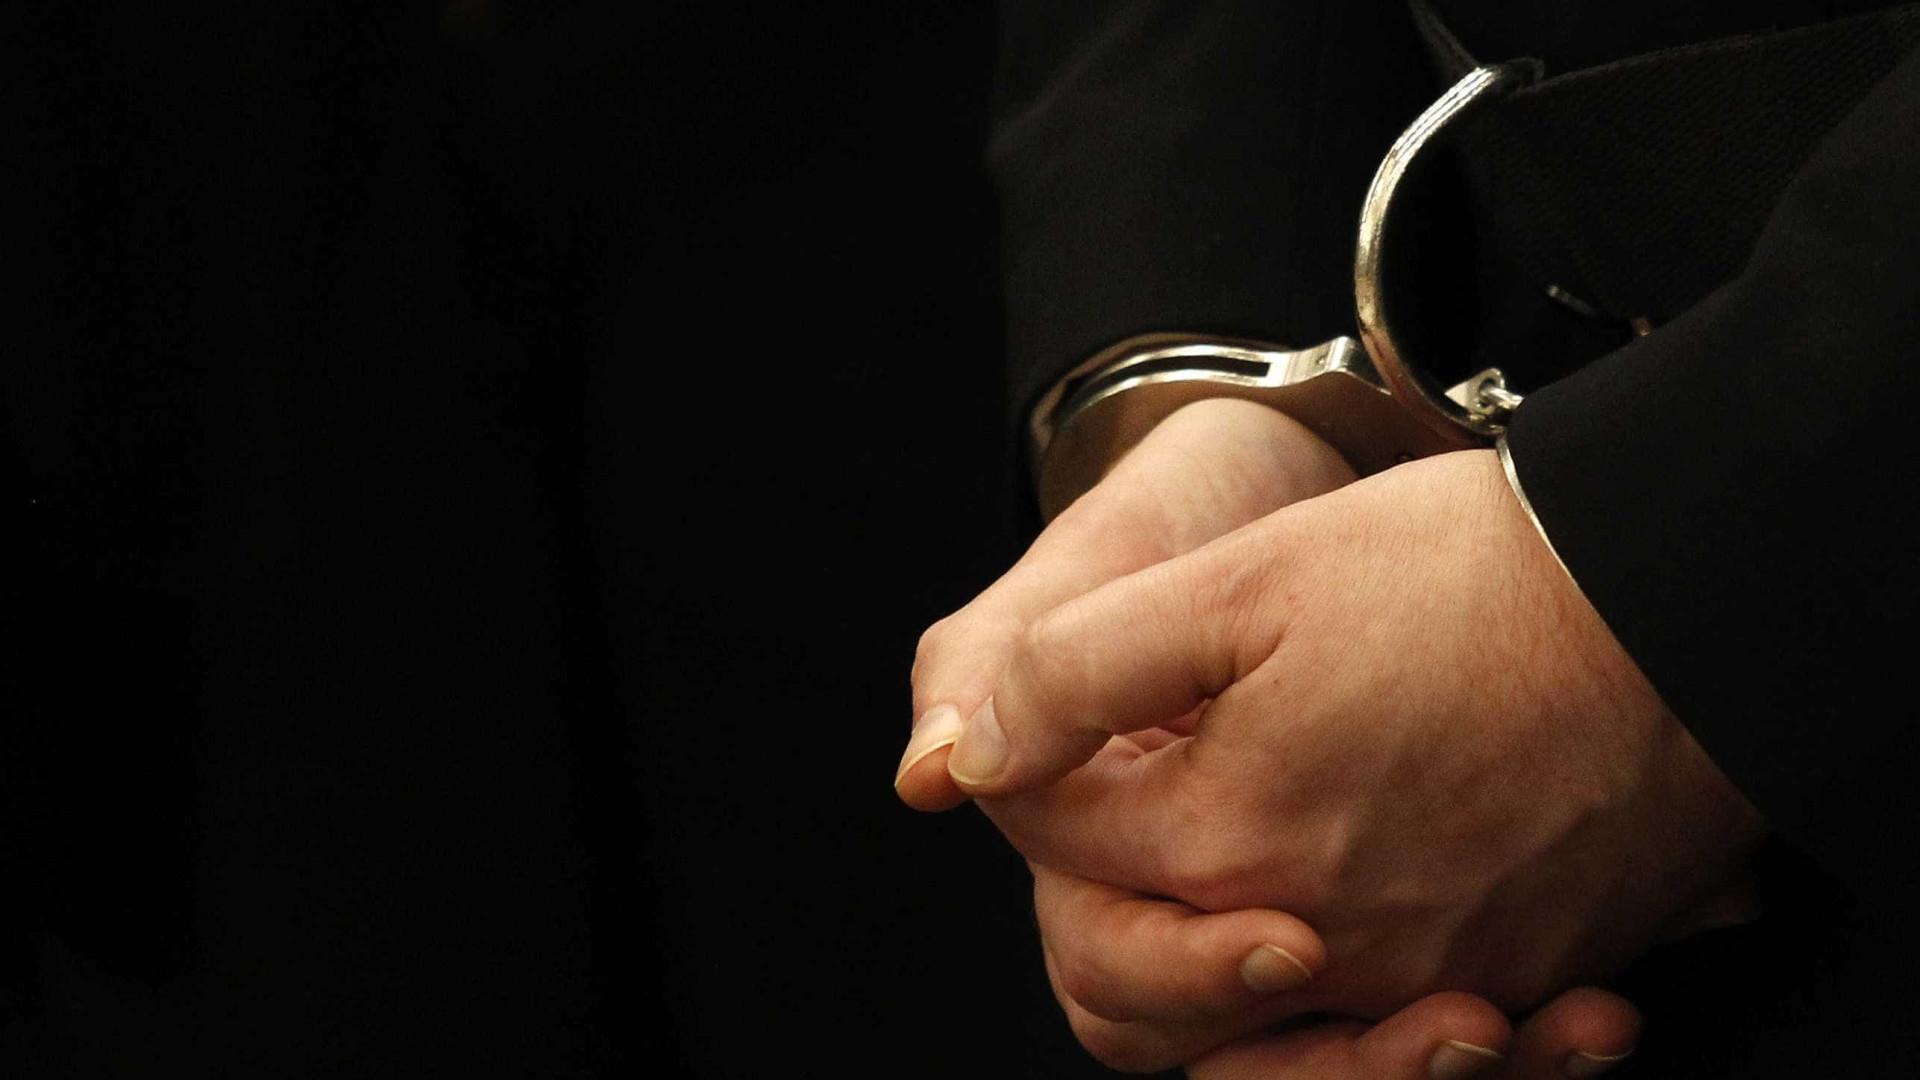 Esquema: Franceses vinham até Viseu à procura de romance e eram roubados